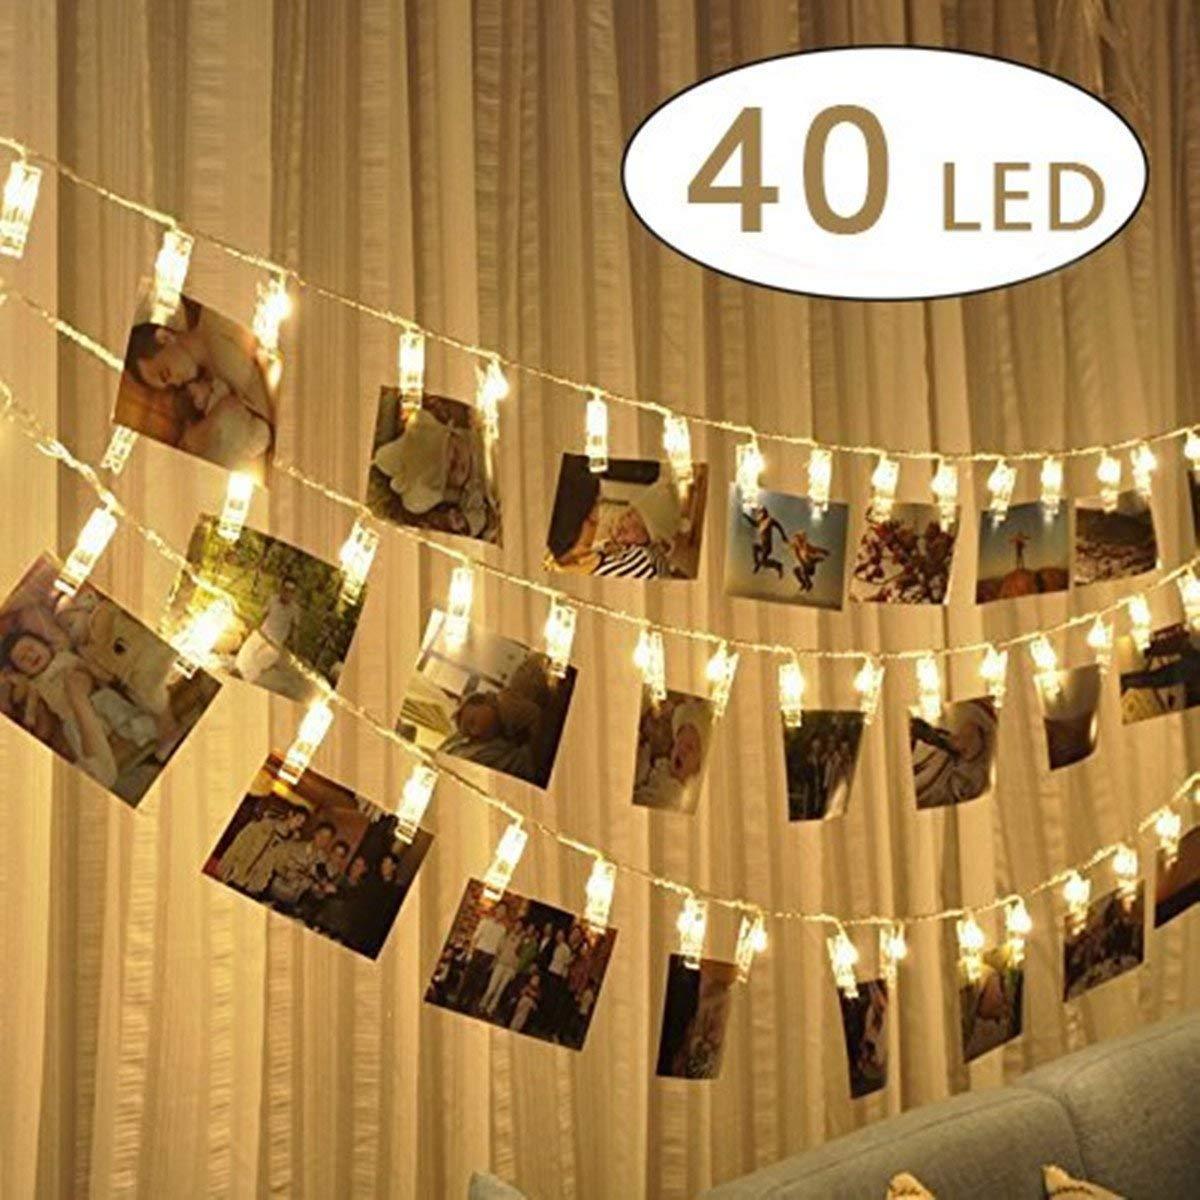 Cookey LED Foto Clip Stringa Illuminazione - 40 Foto Clips 5M USB Alimentato LED Immagine Illuminazione per Attaccatura e Decorazione Tabella Foto, Nota, Opera D'arte Opera D' arte